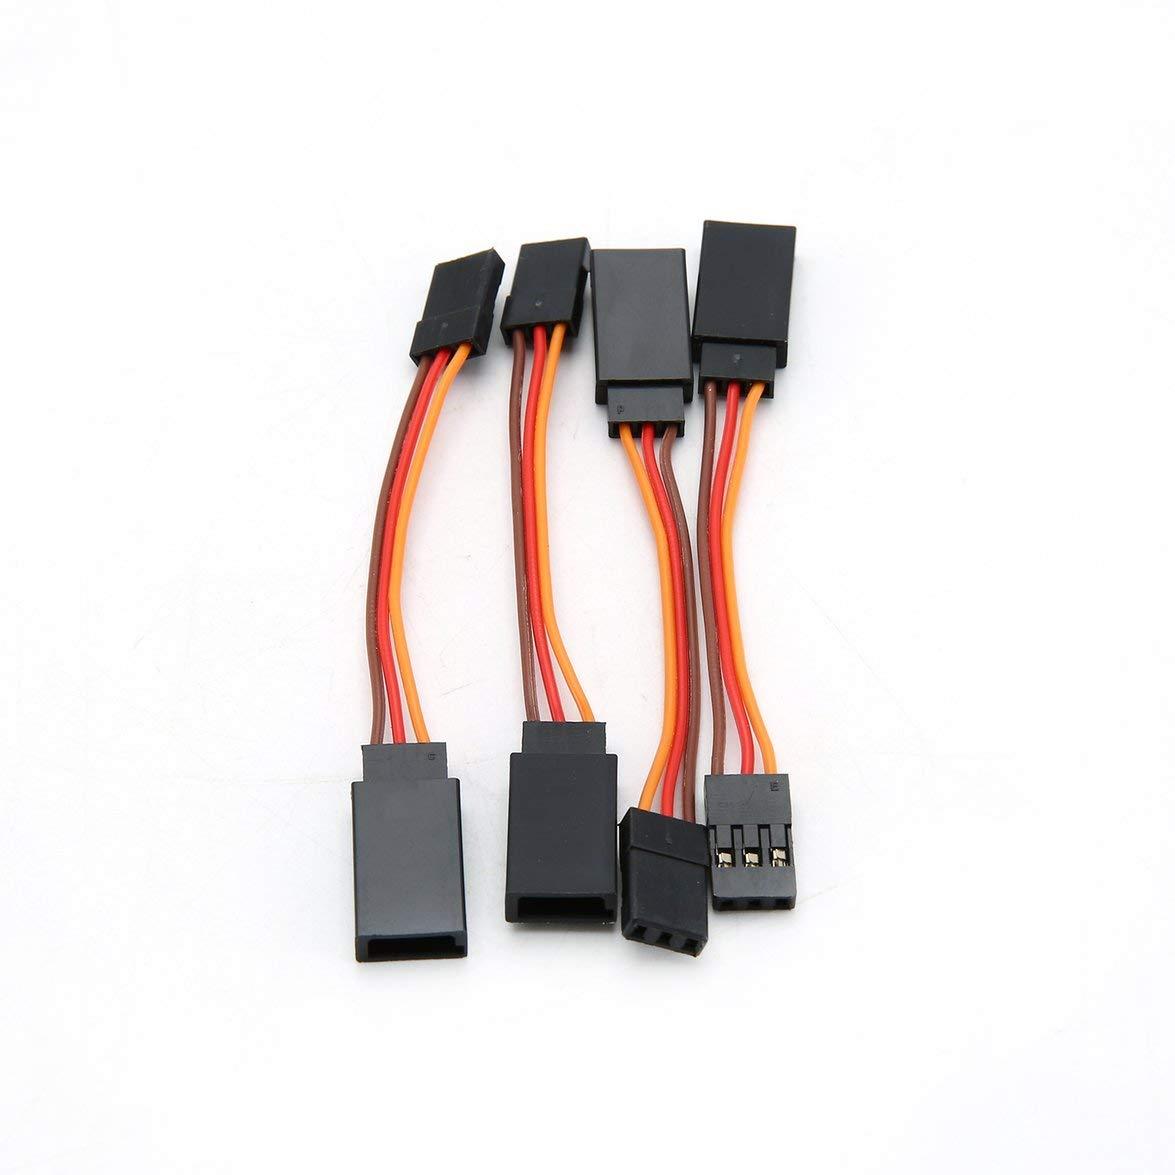 Kongqiabona Jr Cable de Cable de Control Remoto para autom/óvil 10 pcs 50//100//150//200//300//500 Mm Extensi/ón servo Cable de extensi/ón Cable Extensor L/ínea RC Helic/óptero